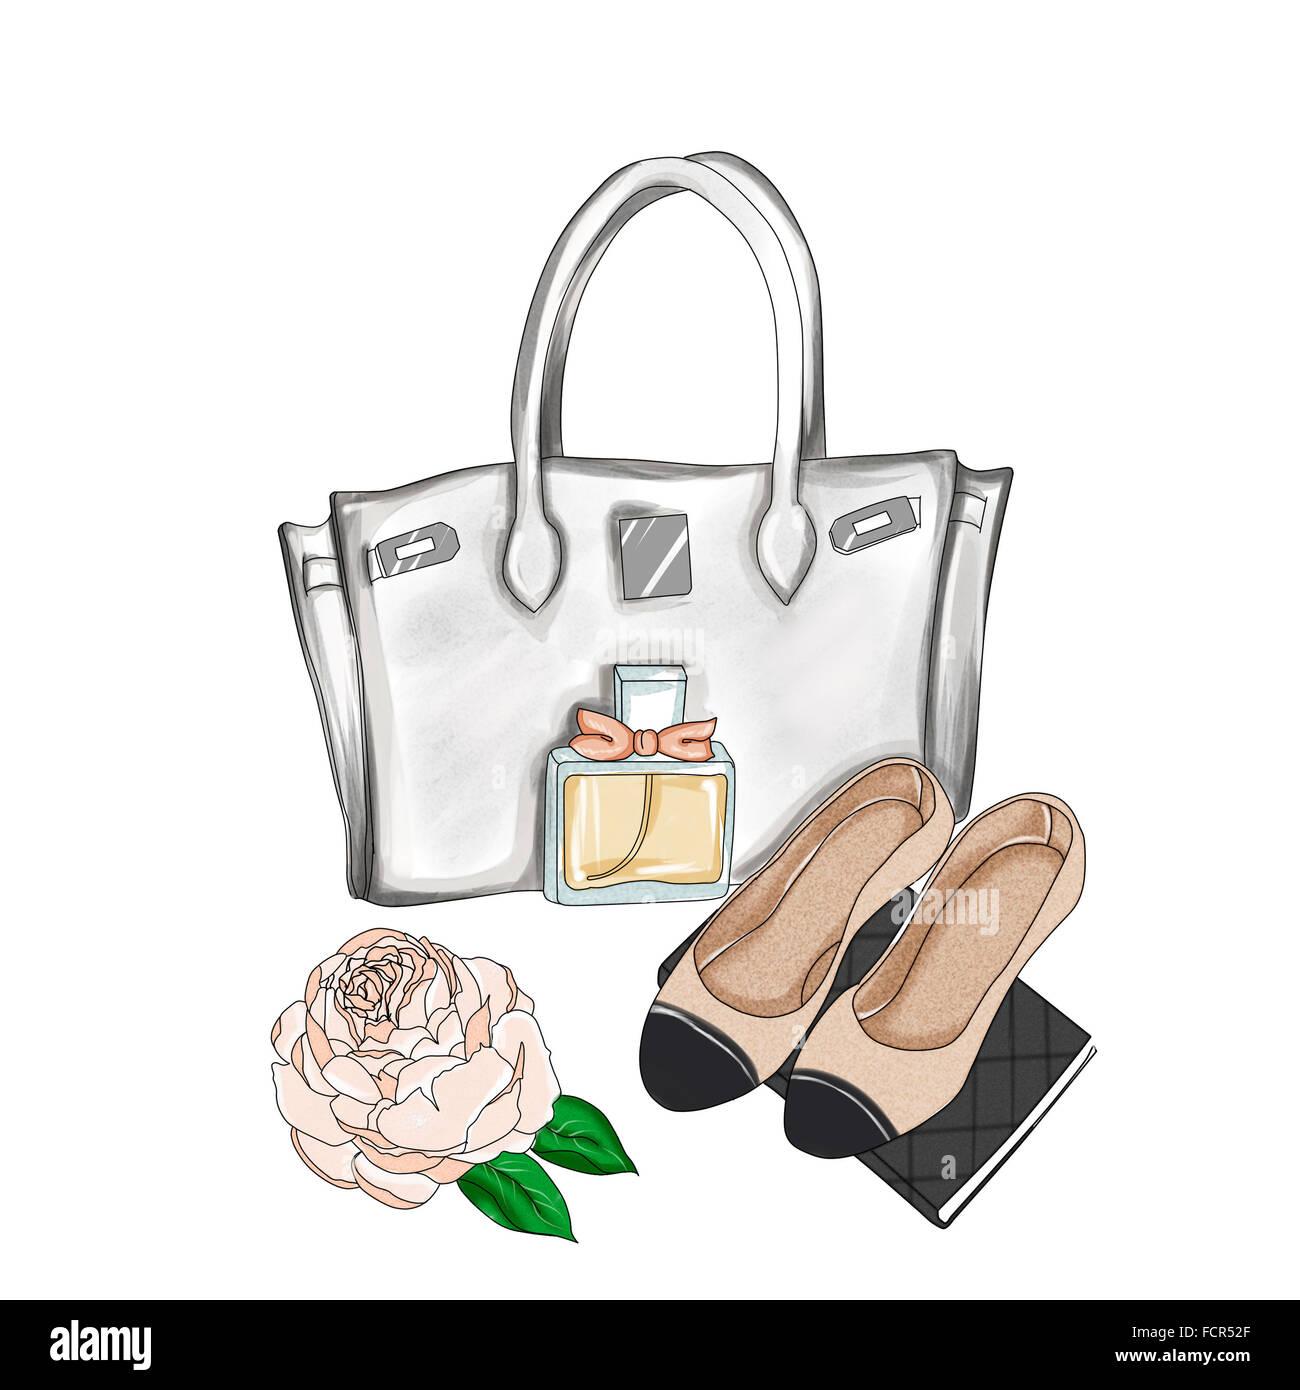 0c56194402 Aquarelle illustration - Illustration de mode - fond raster dessiné à la  main - sac de